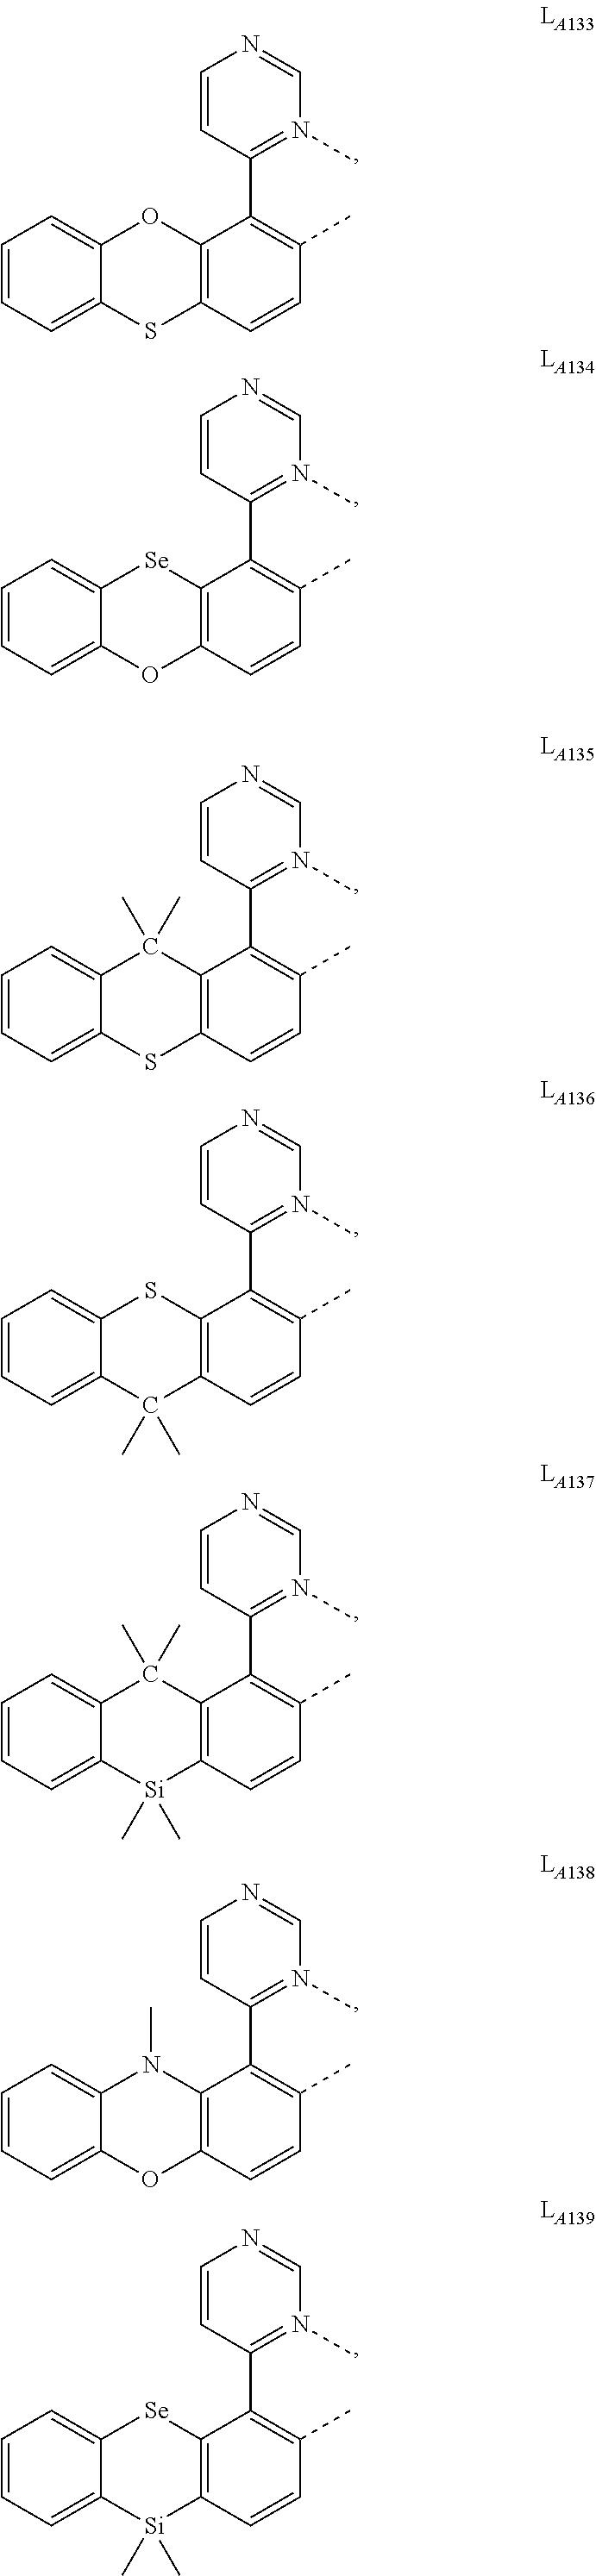 Figure US10153443-20181211-C00027